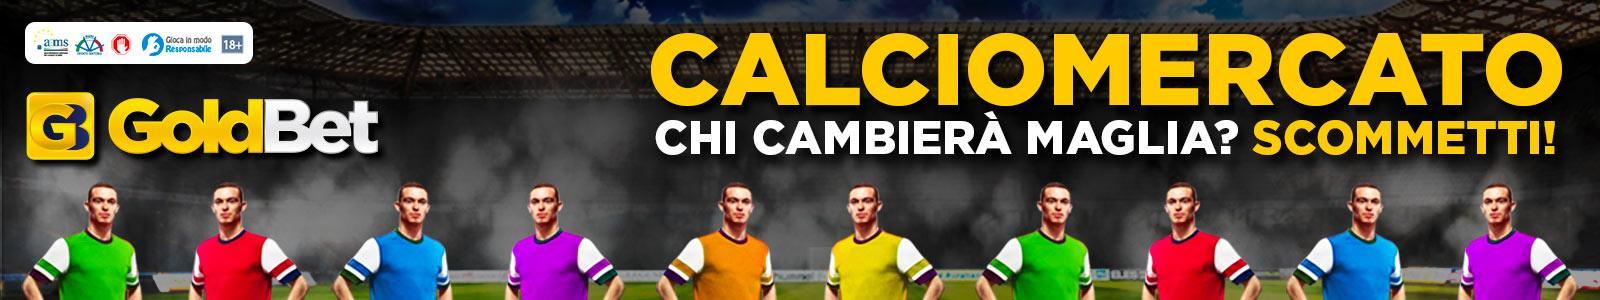 banner_calciomercato